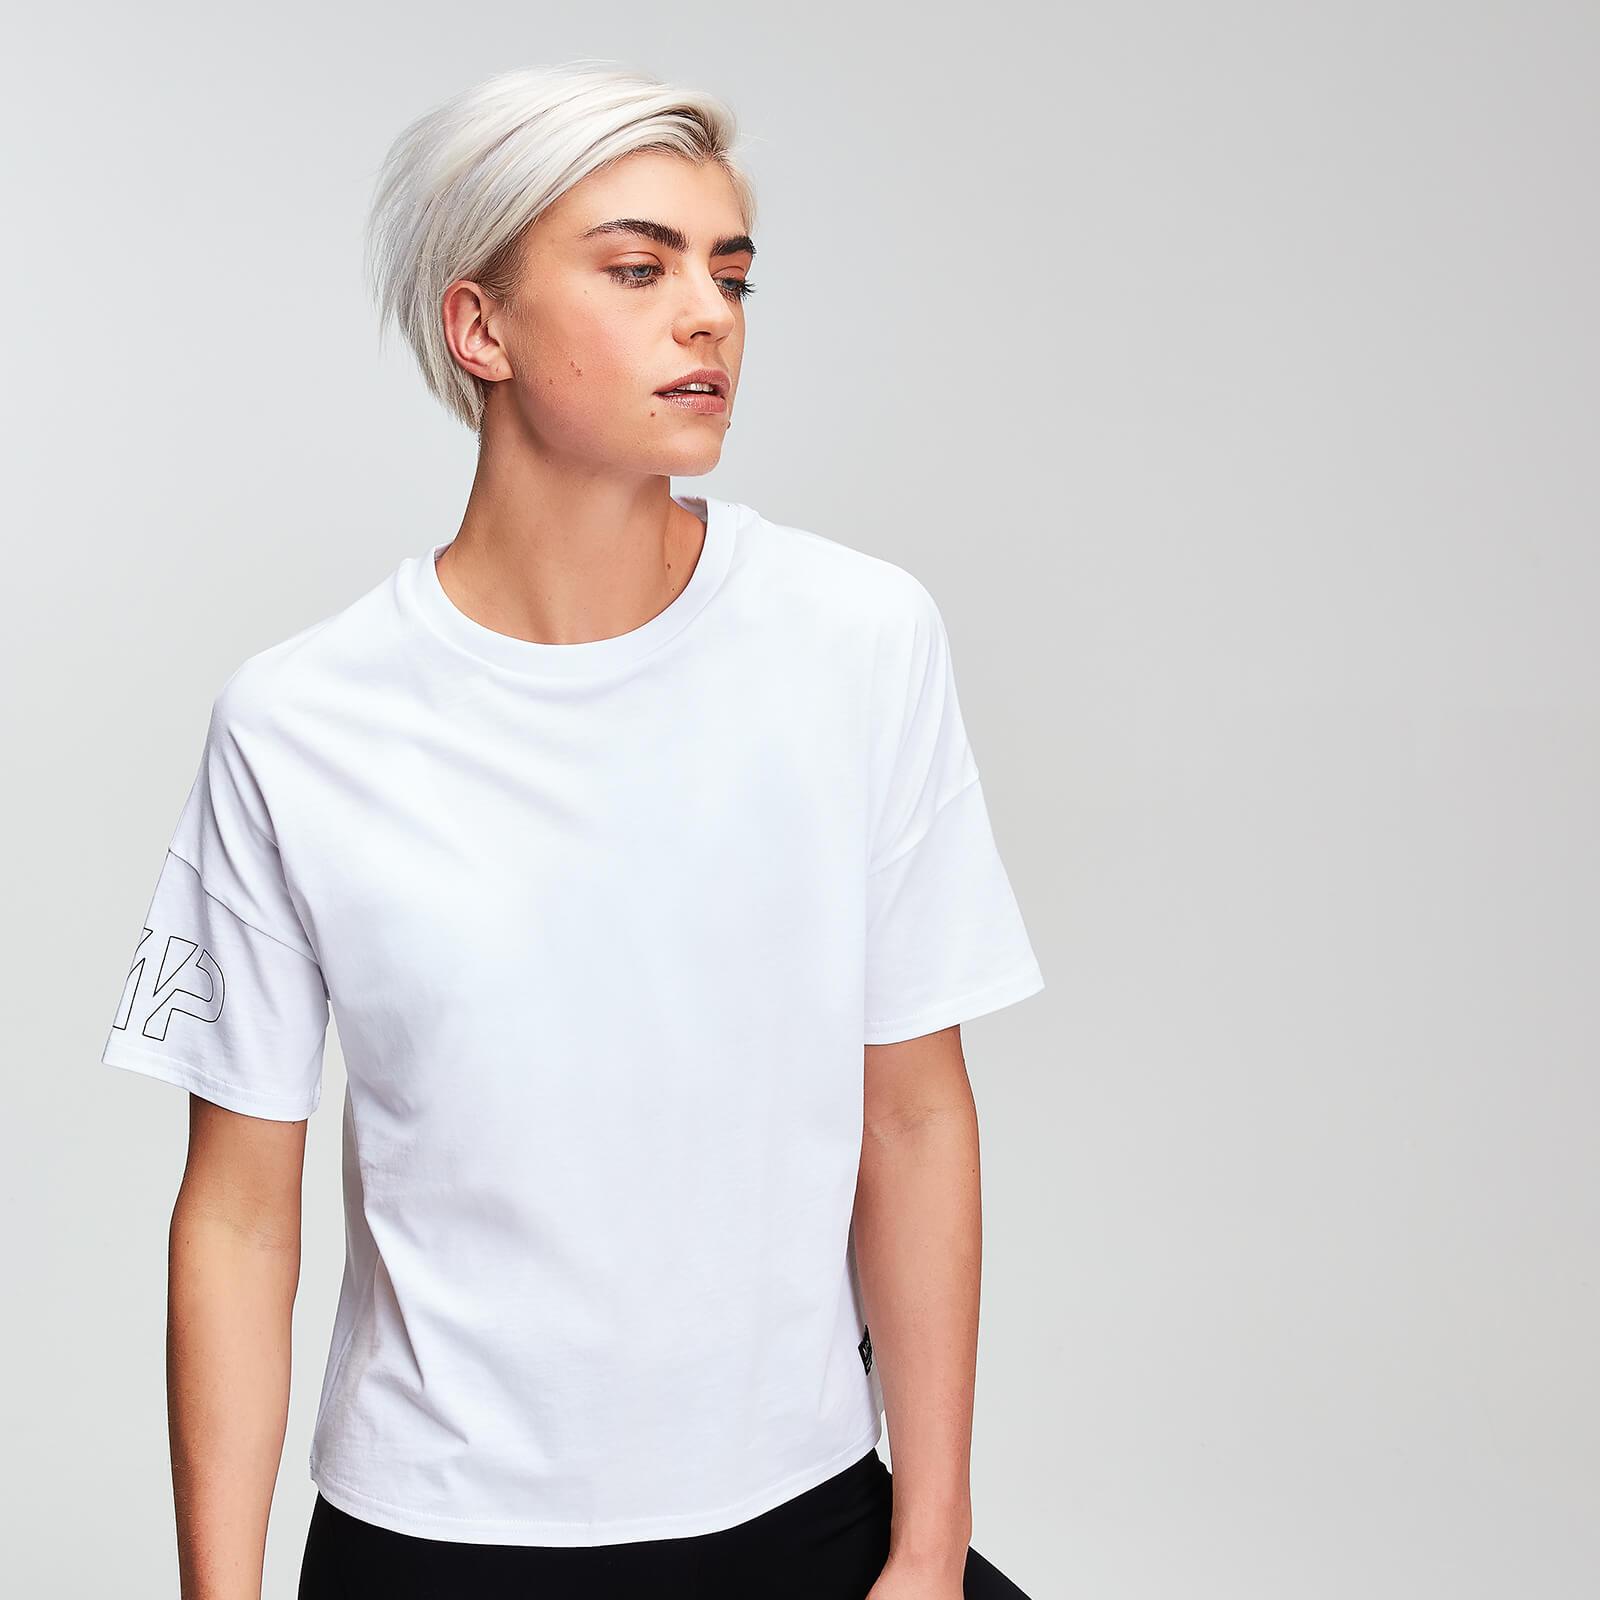 Myprotein MP Power Women's T-Shirt - White - L